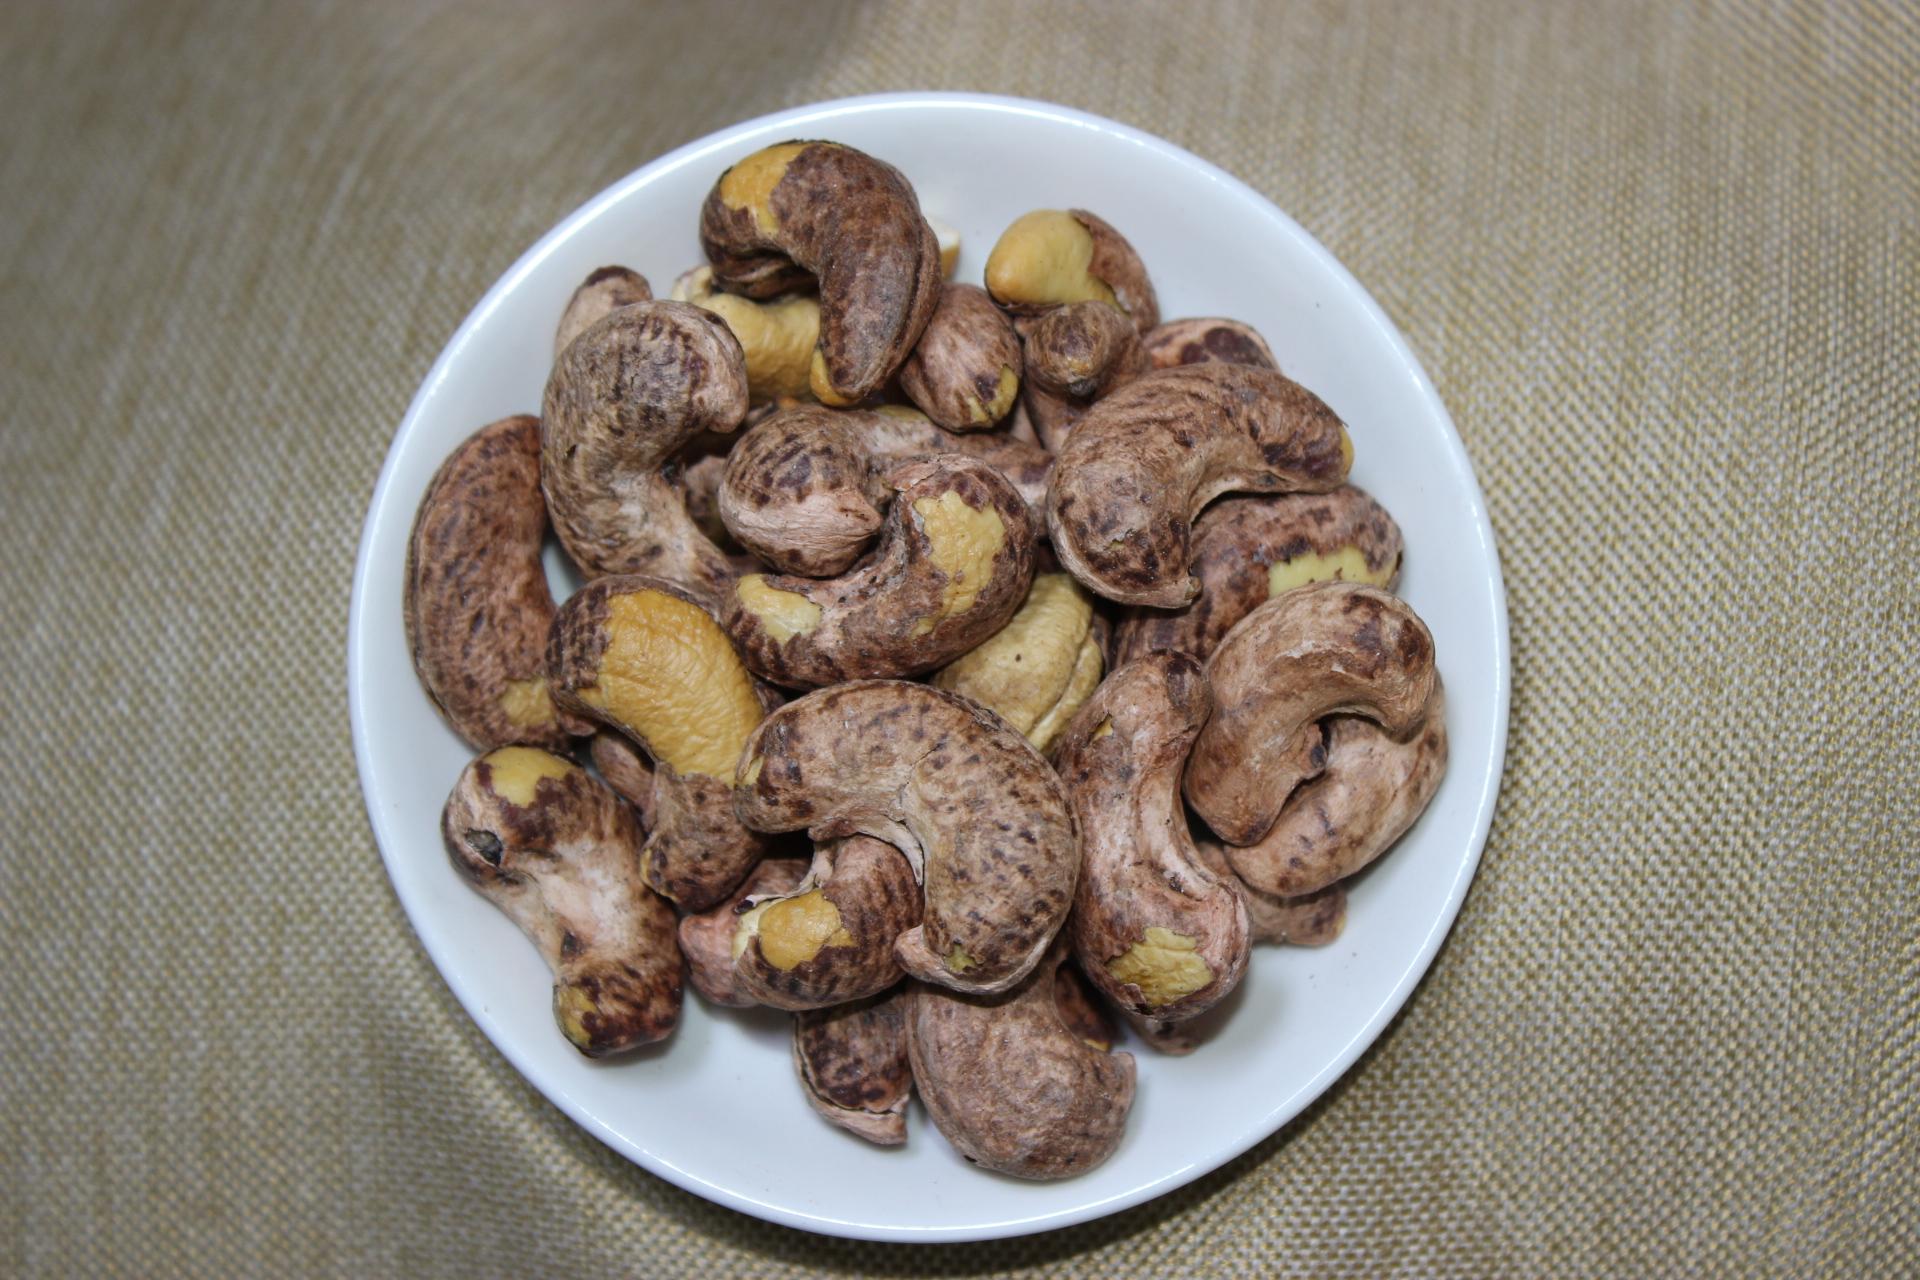 新货特级带皮原味越南腰果原装进口500g散装炭烧盐焗紫皮坚果零食